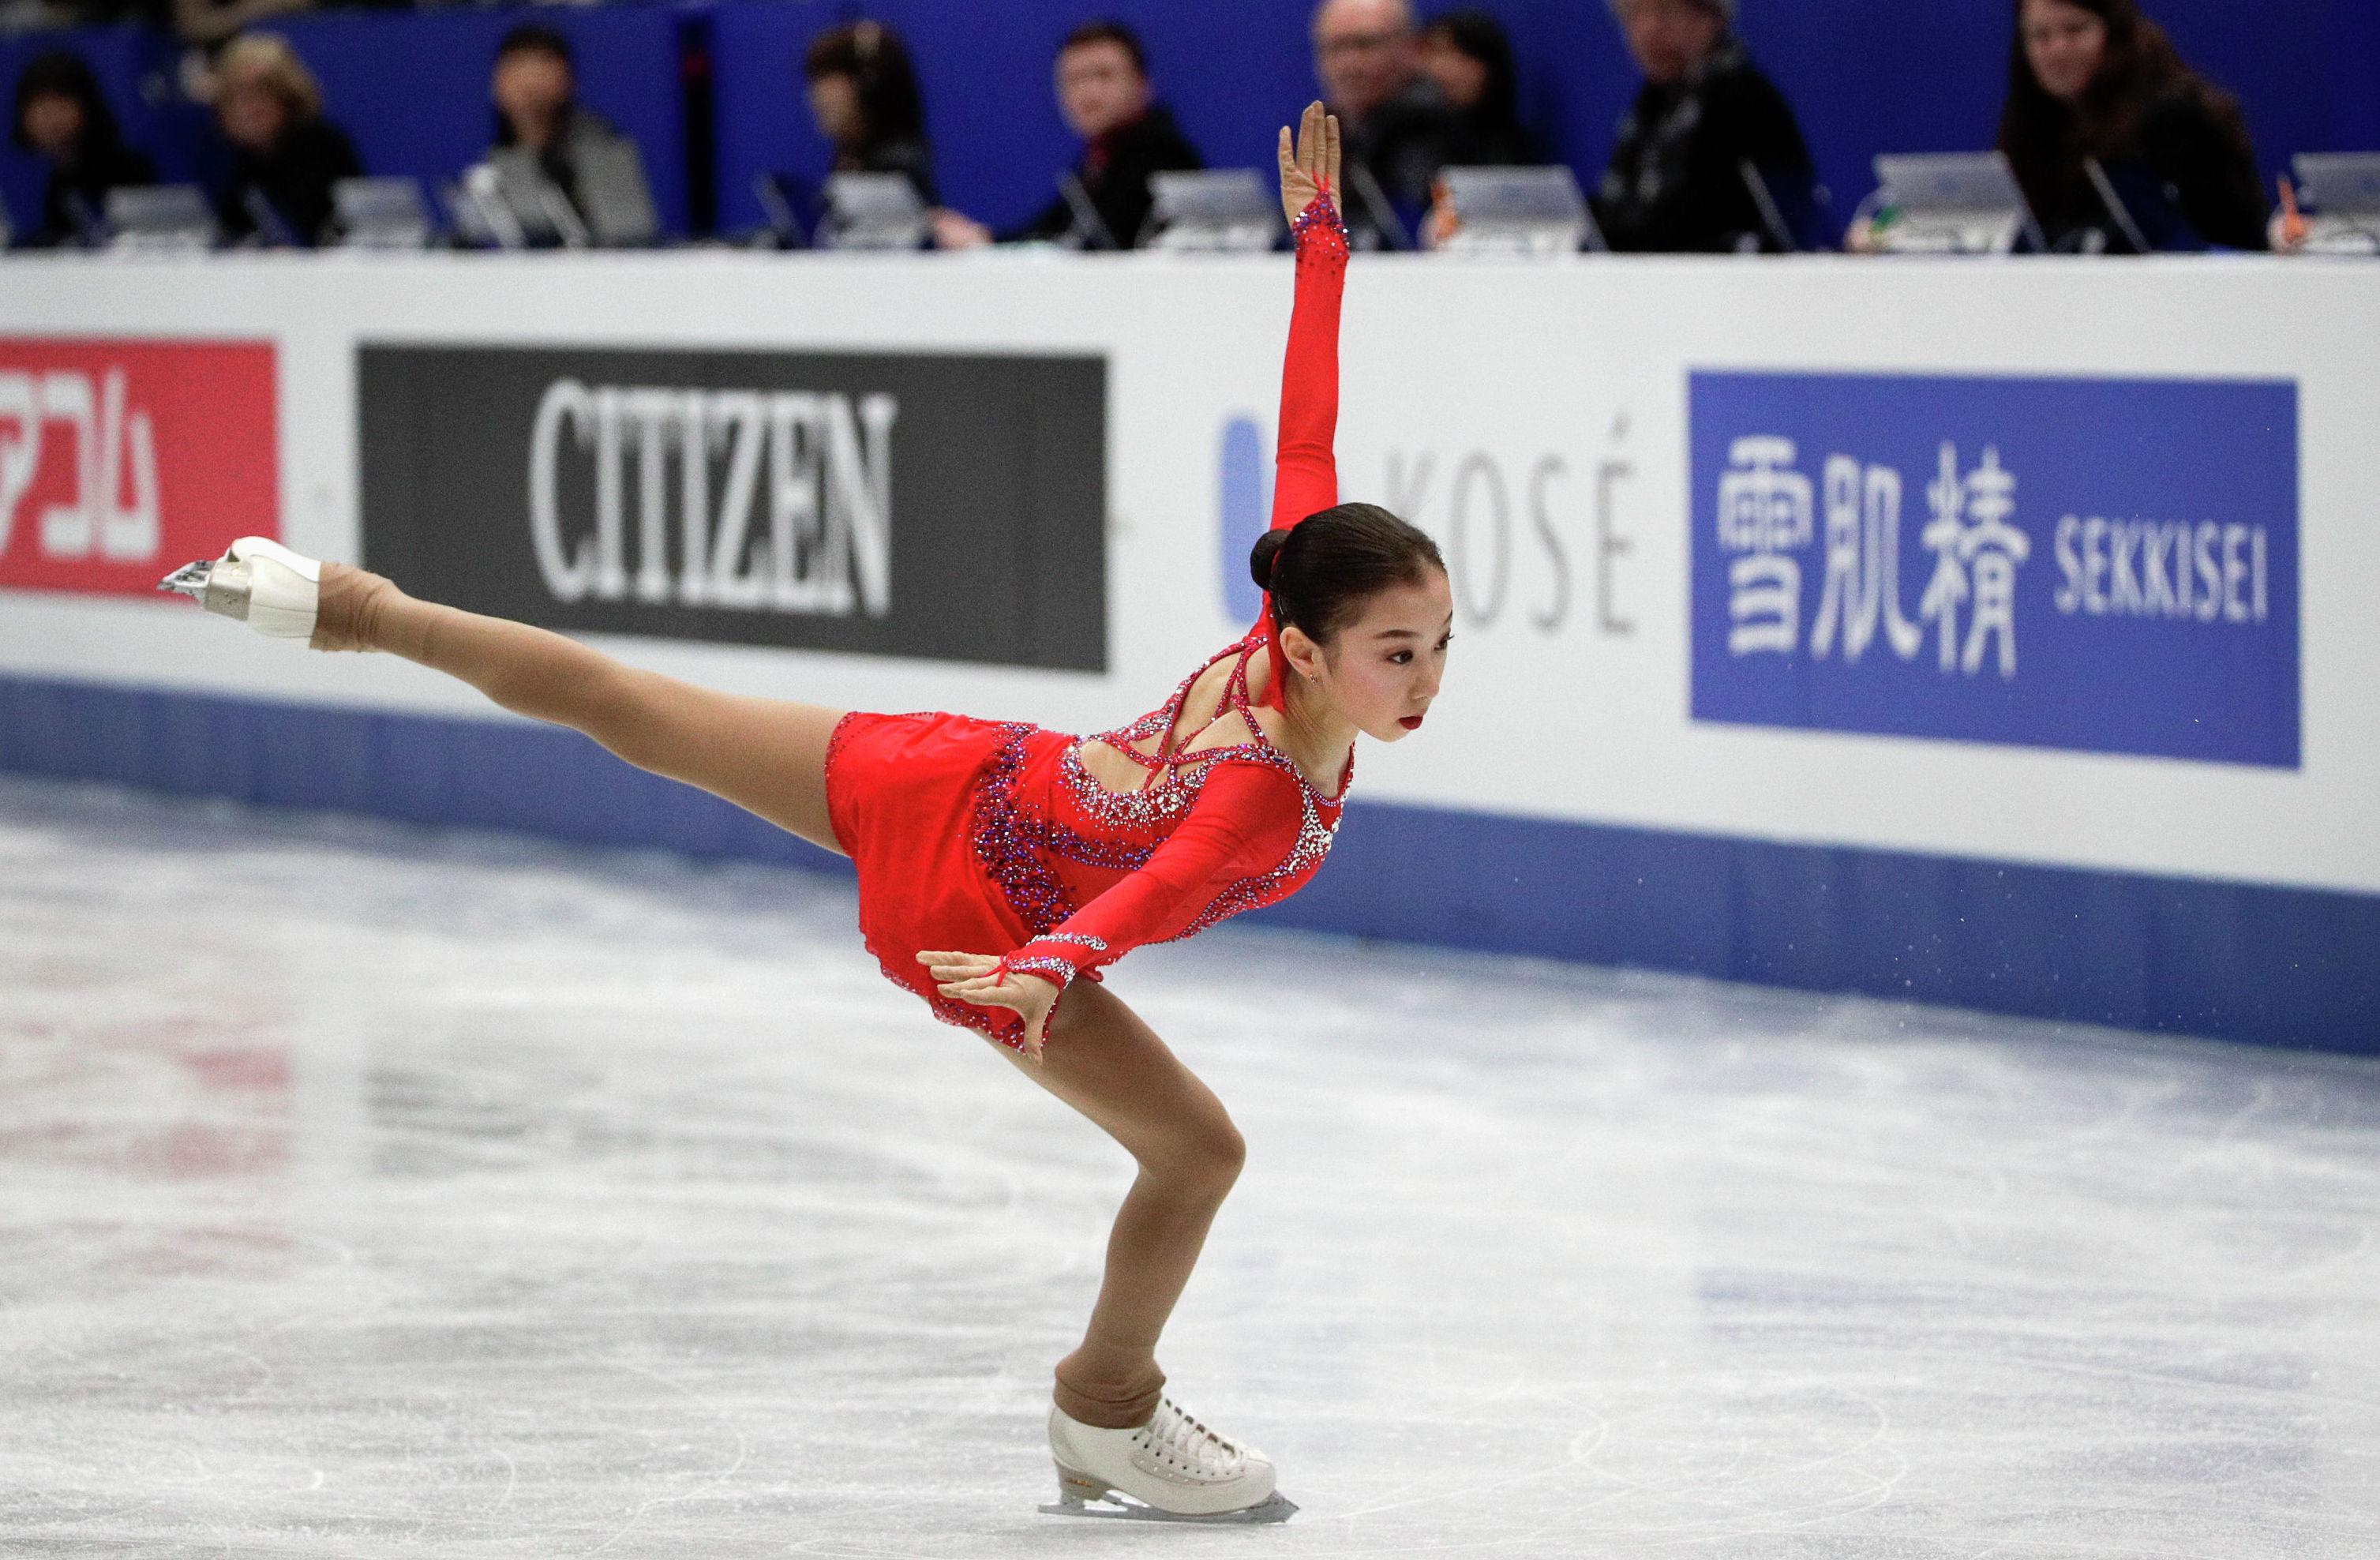 Казахстанская фигуристка Элизабет Турсынбаева